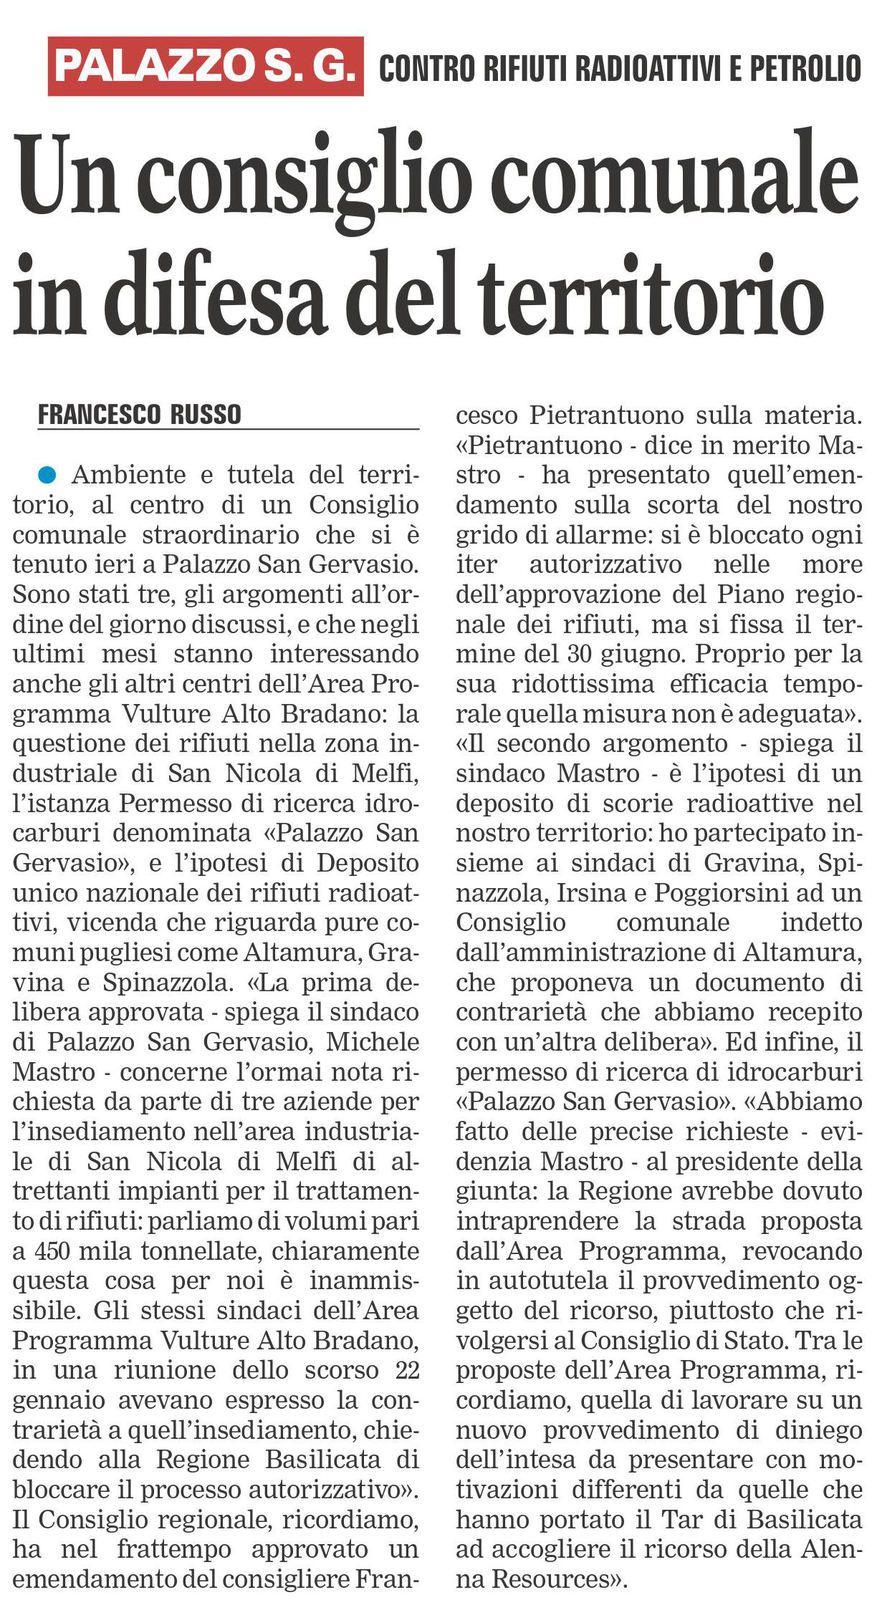 La Gazzetta del Mezzogiorno - ed. 19 febbraio 2016